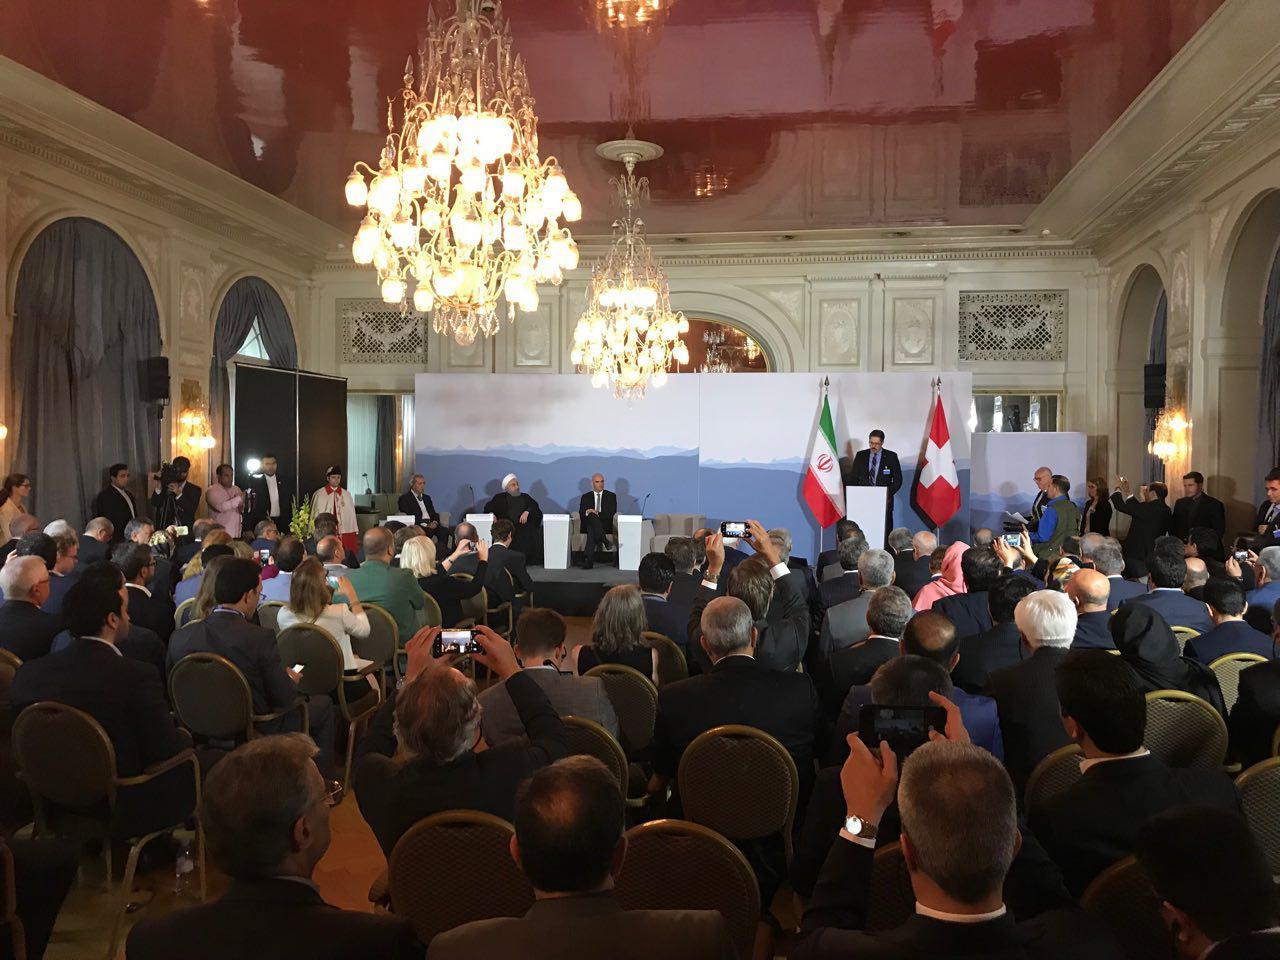 رئیس جمهور سوئیس : برجام پیروزی بزرگ دیپلماسی است